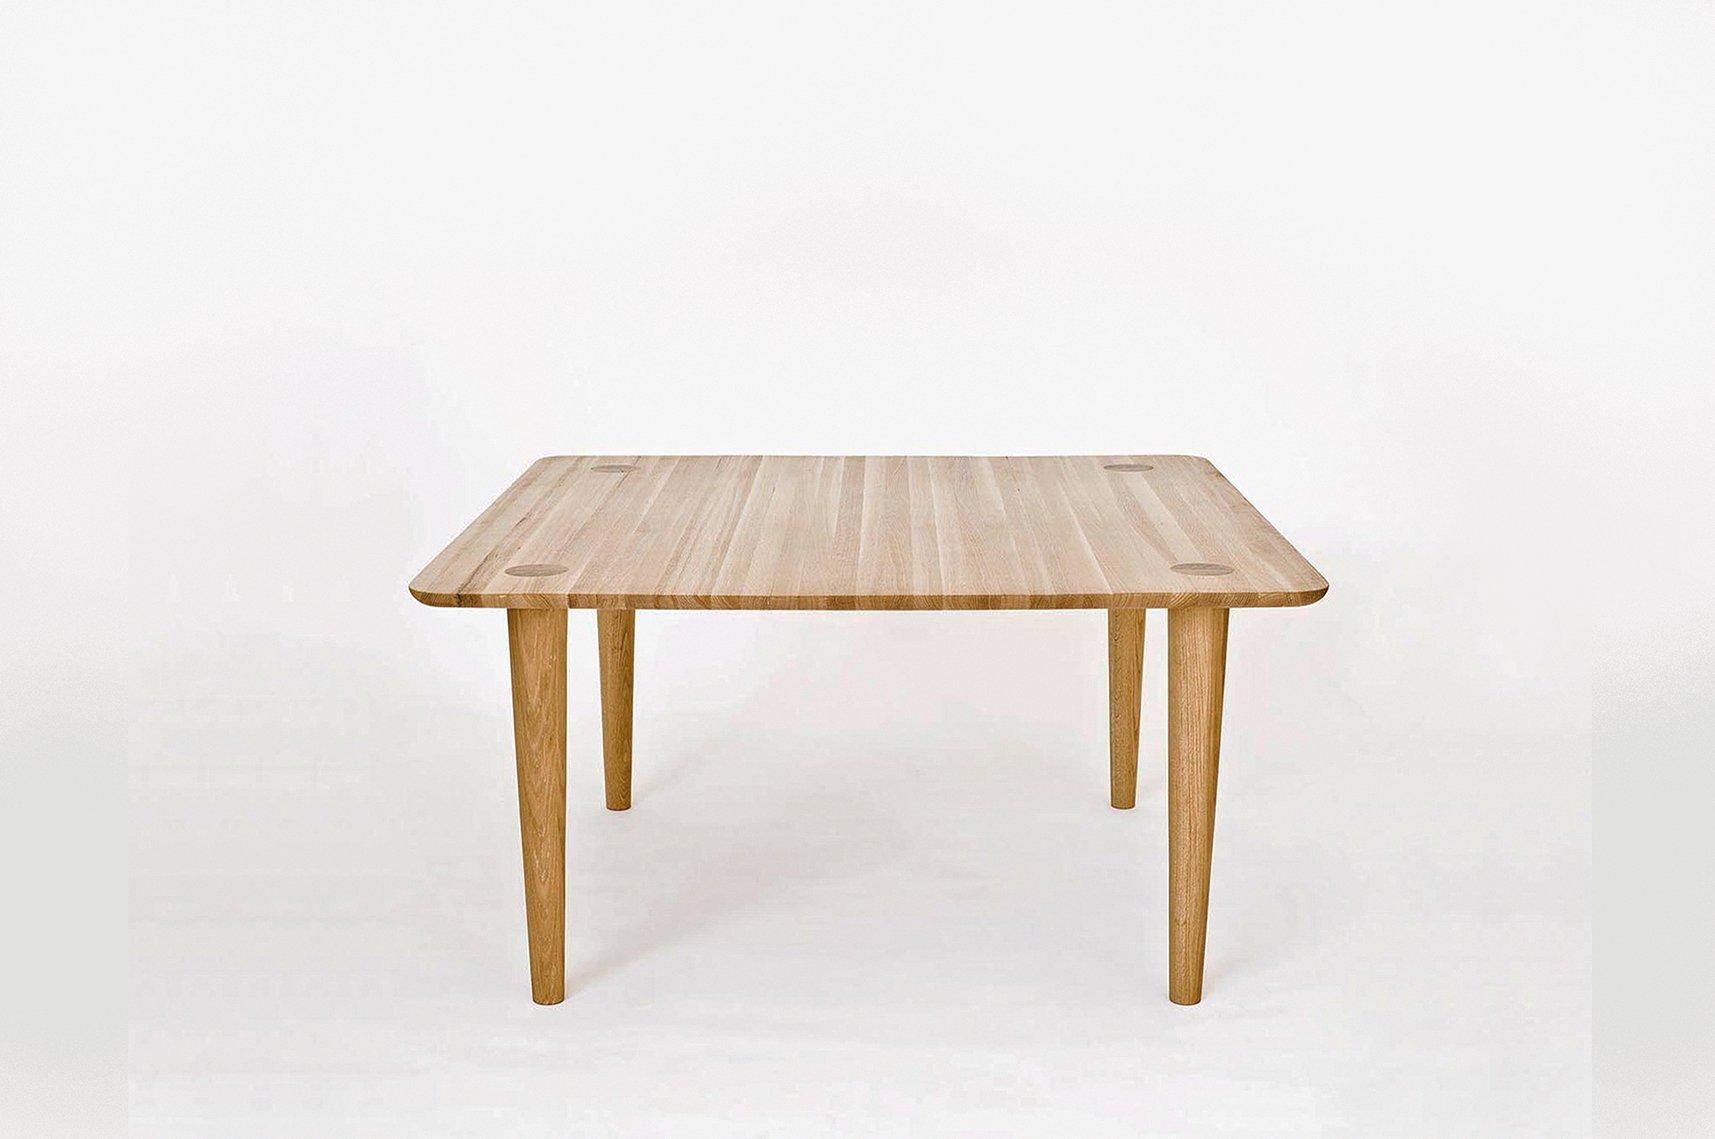 quadratischer kalahari tisch von claesson koivisto rune bei pamono kaufen. Black Bedroom Furniture Sets. Home Design Ideas